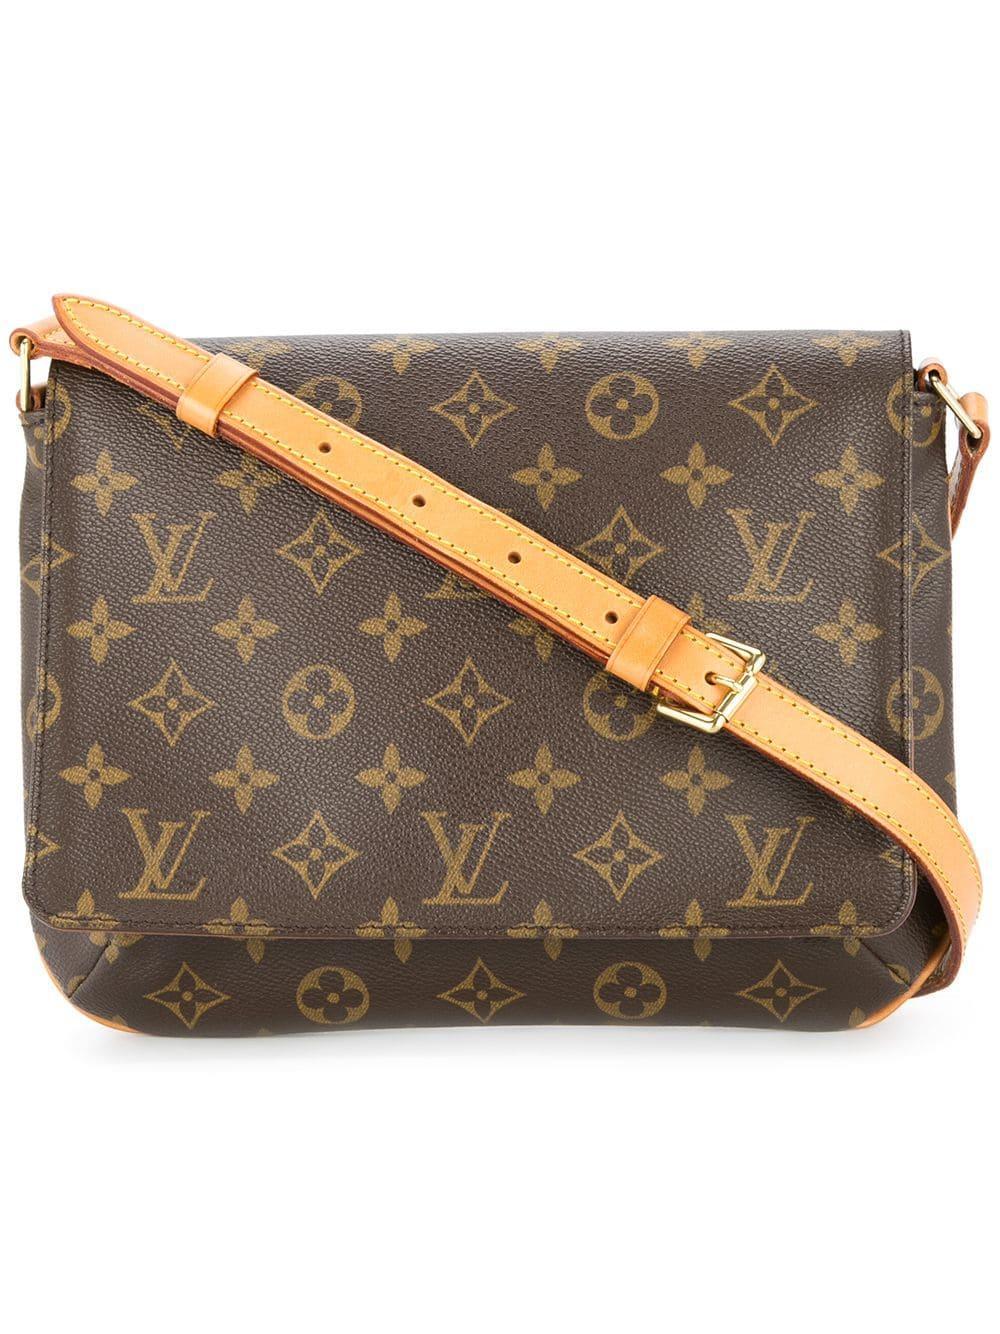 Louis Vuitton Vintage Musette Tango Shoulder Bag - Brown